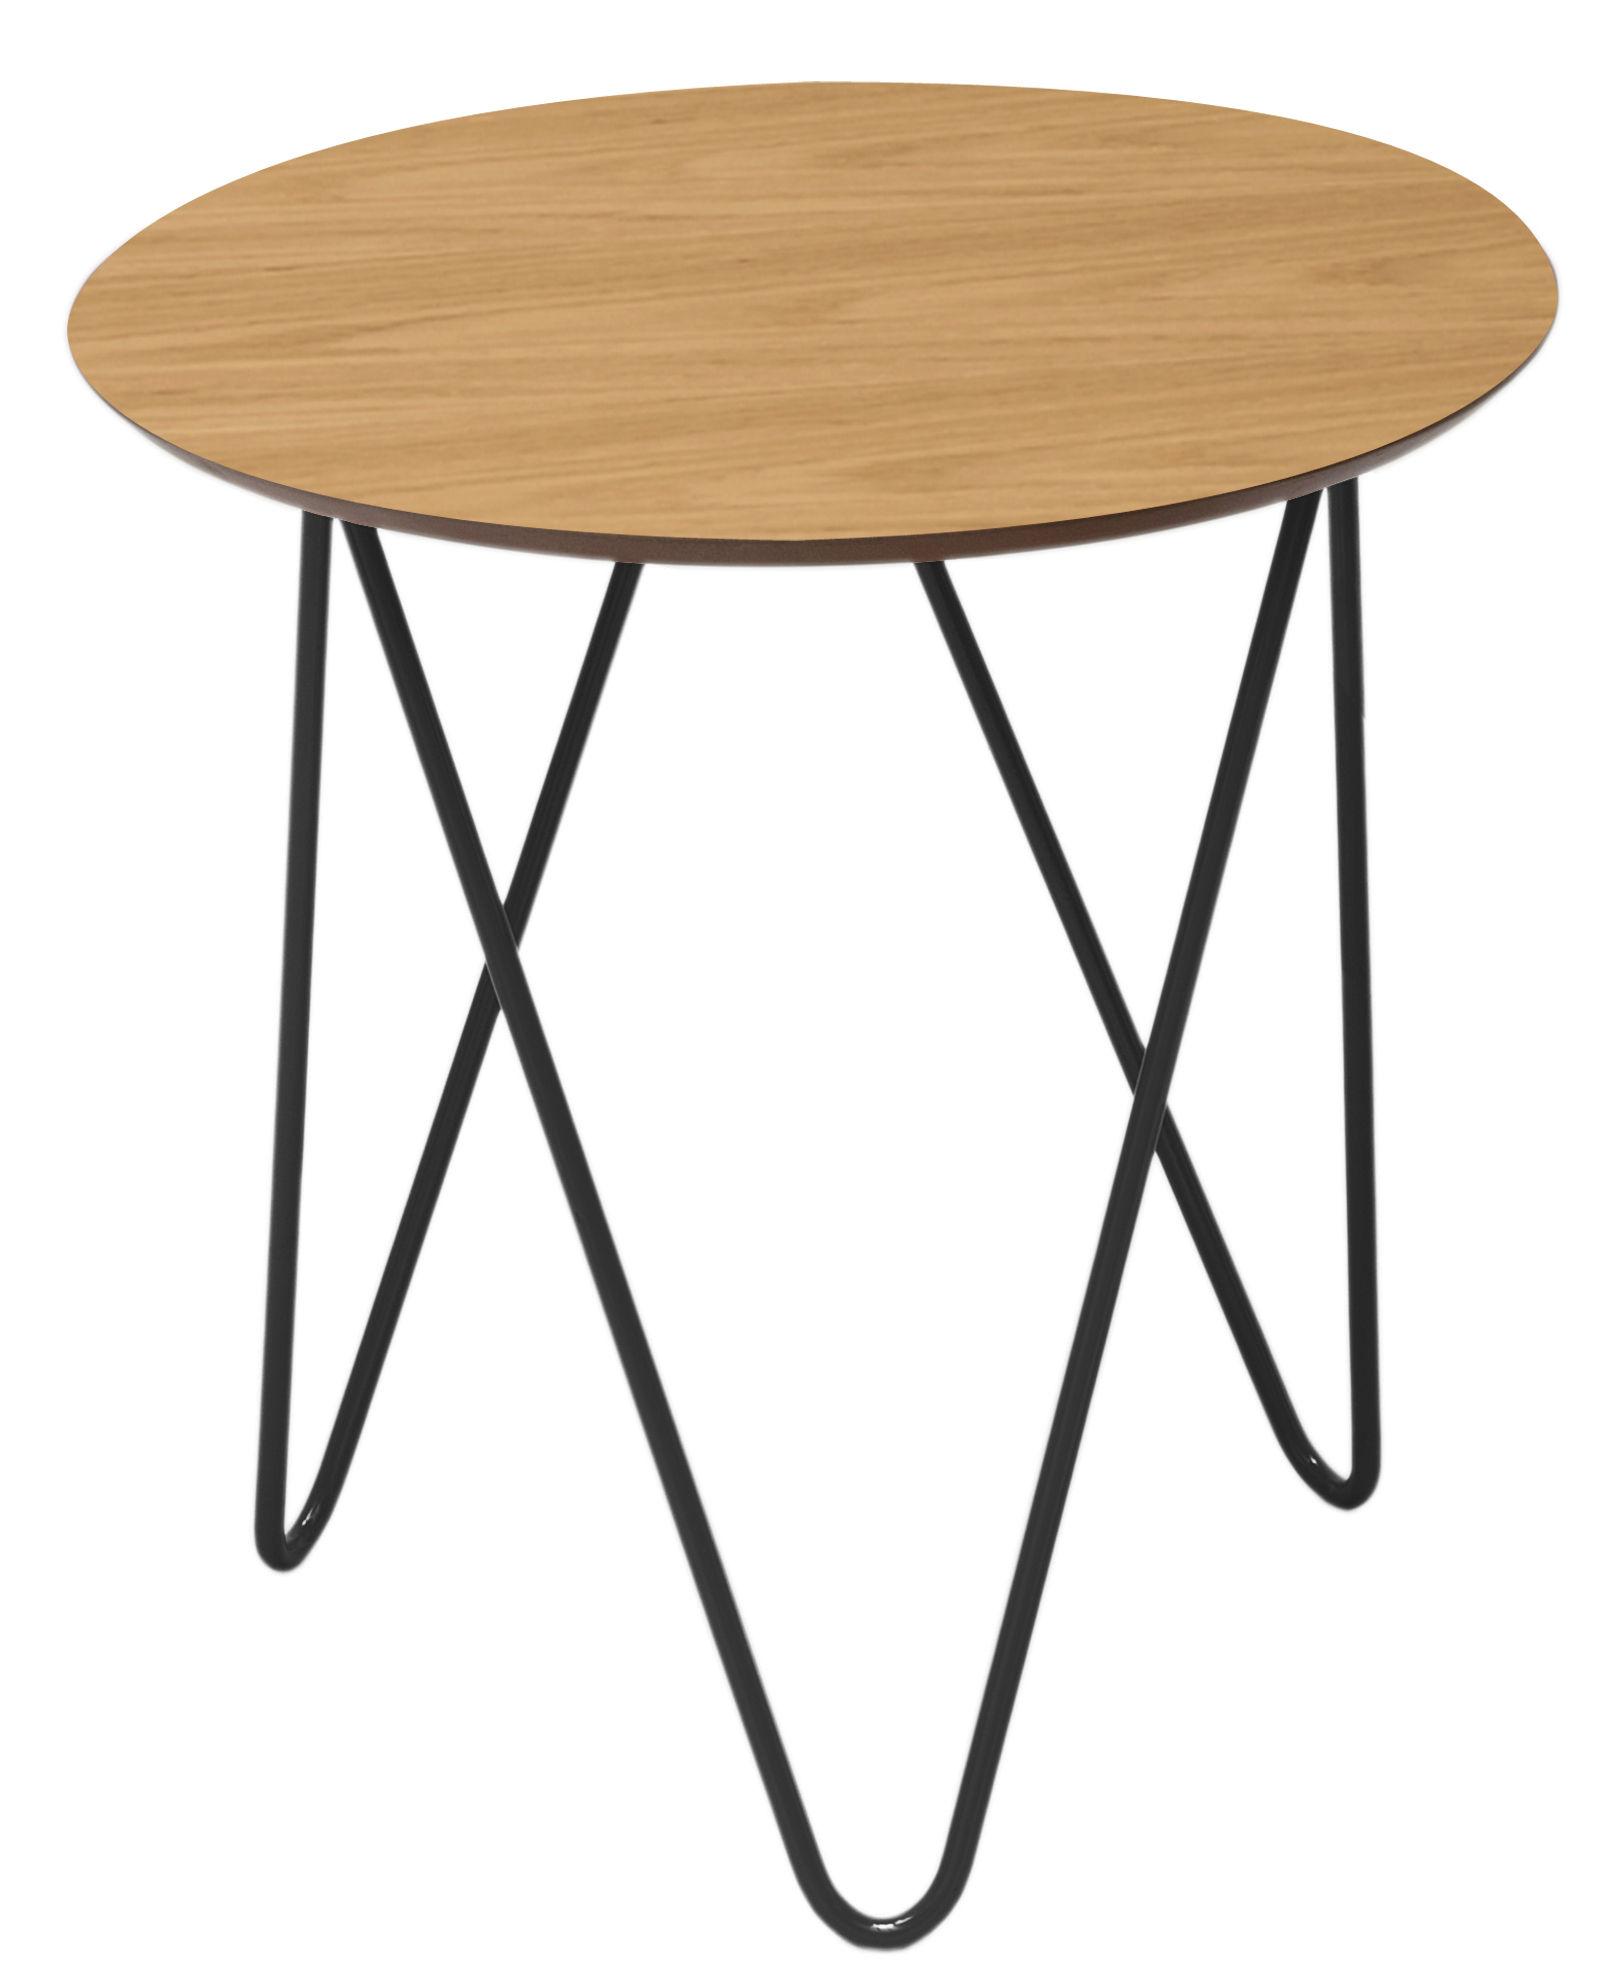 bergerac coffee table oak black frame by sentou edition